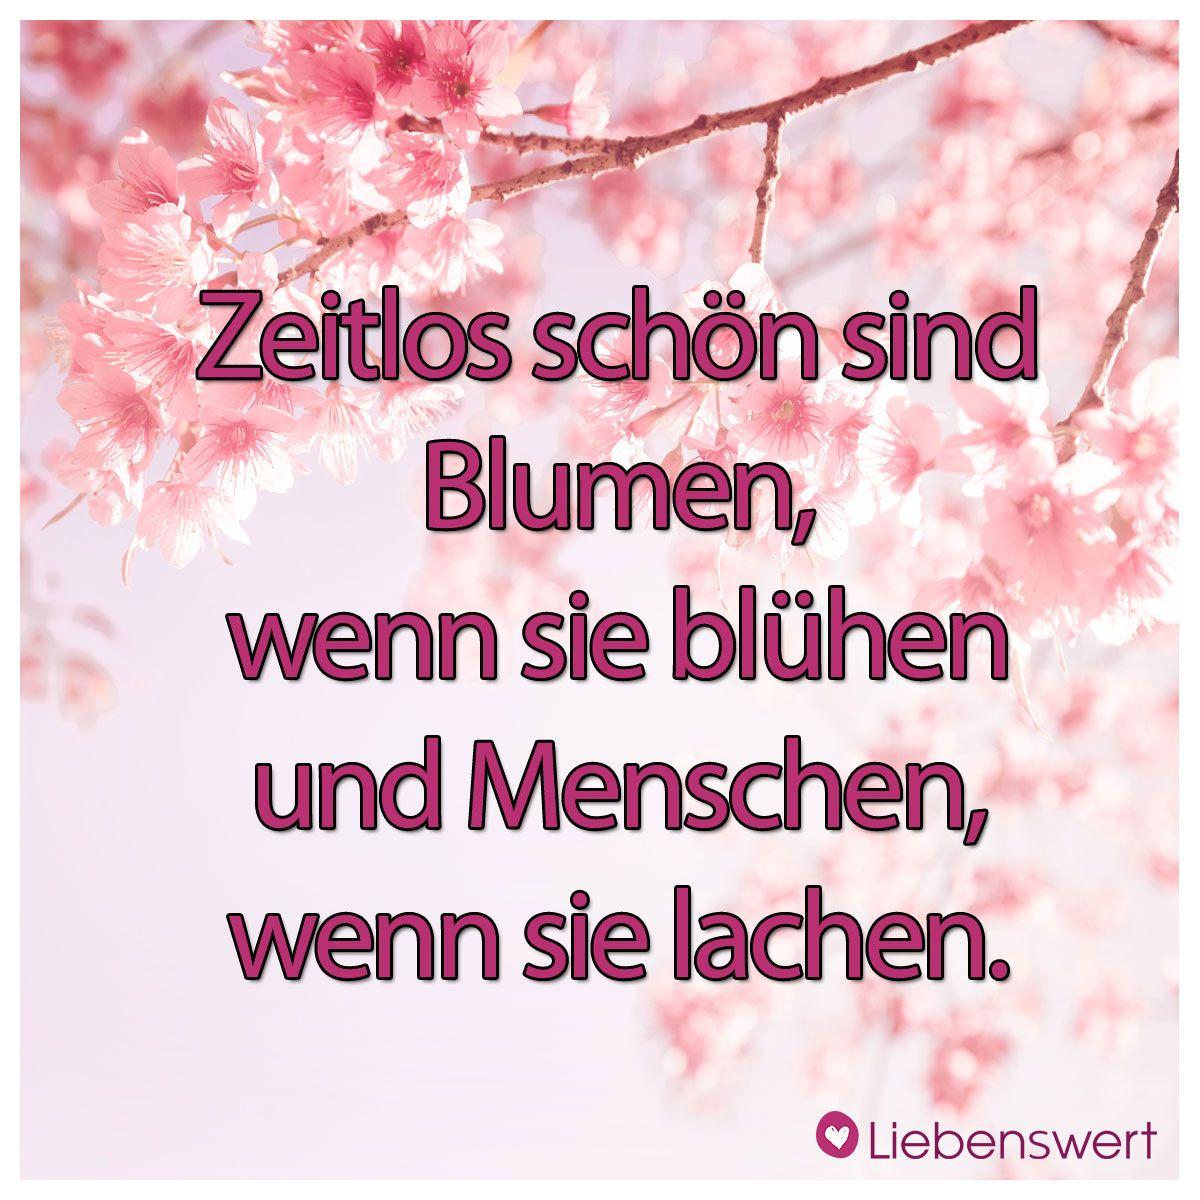 Zeitlos schön sind Blumen, wenn sie blühen und Menschen, wenn sie lachen. #sprüche #blumen #menschen #lachen